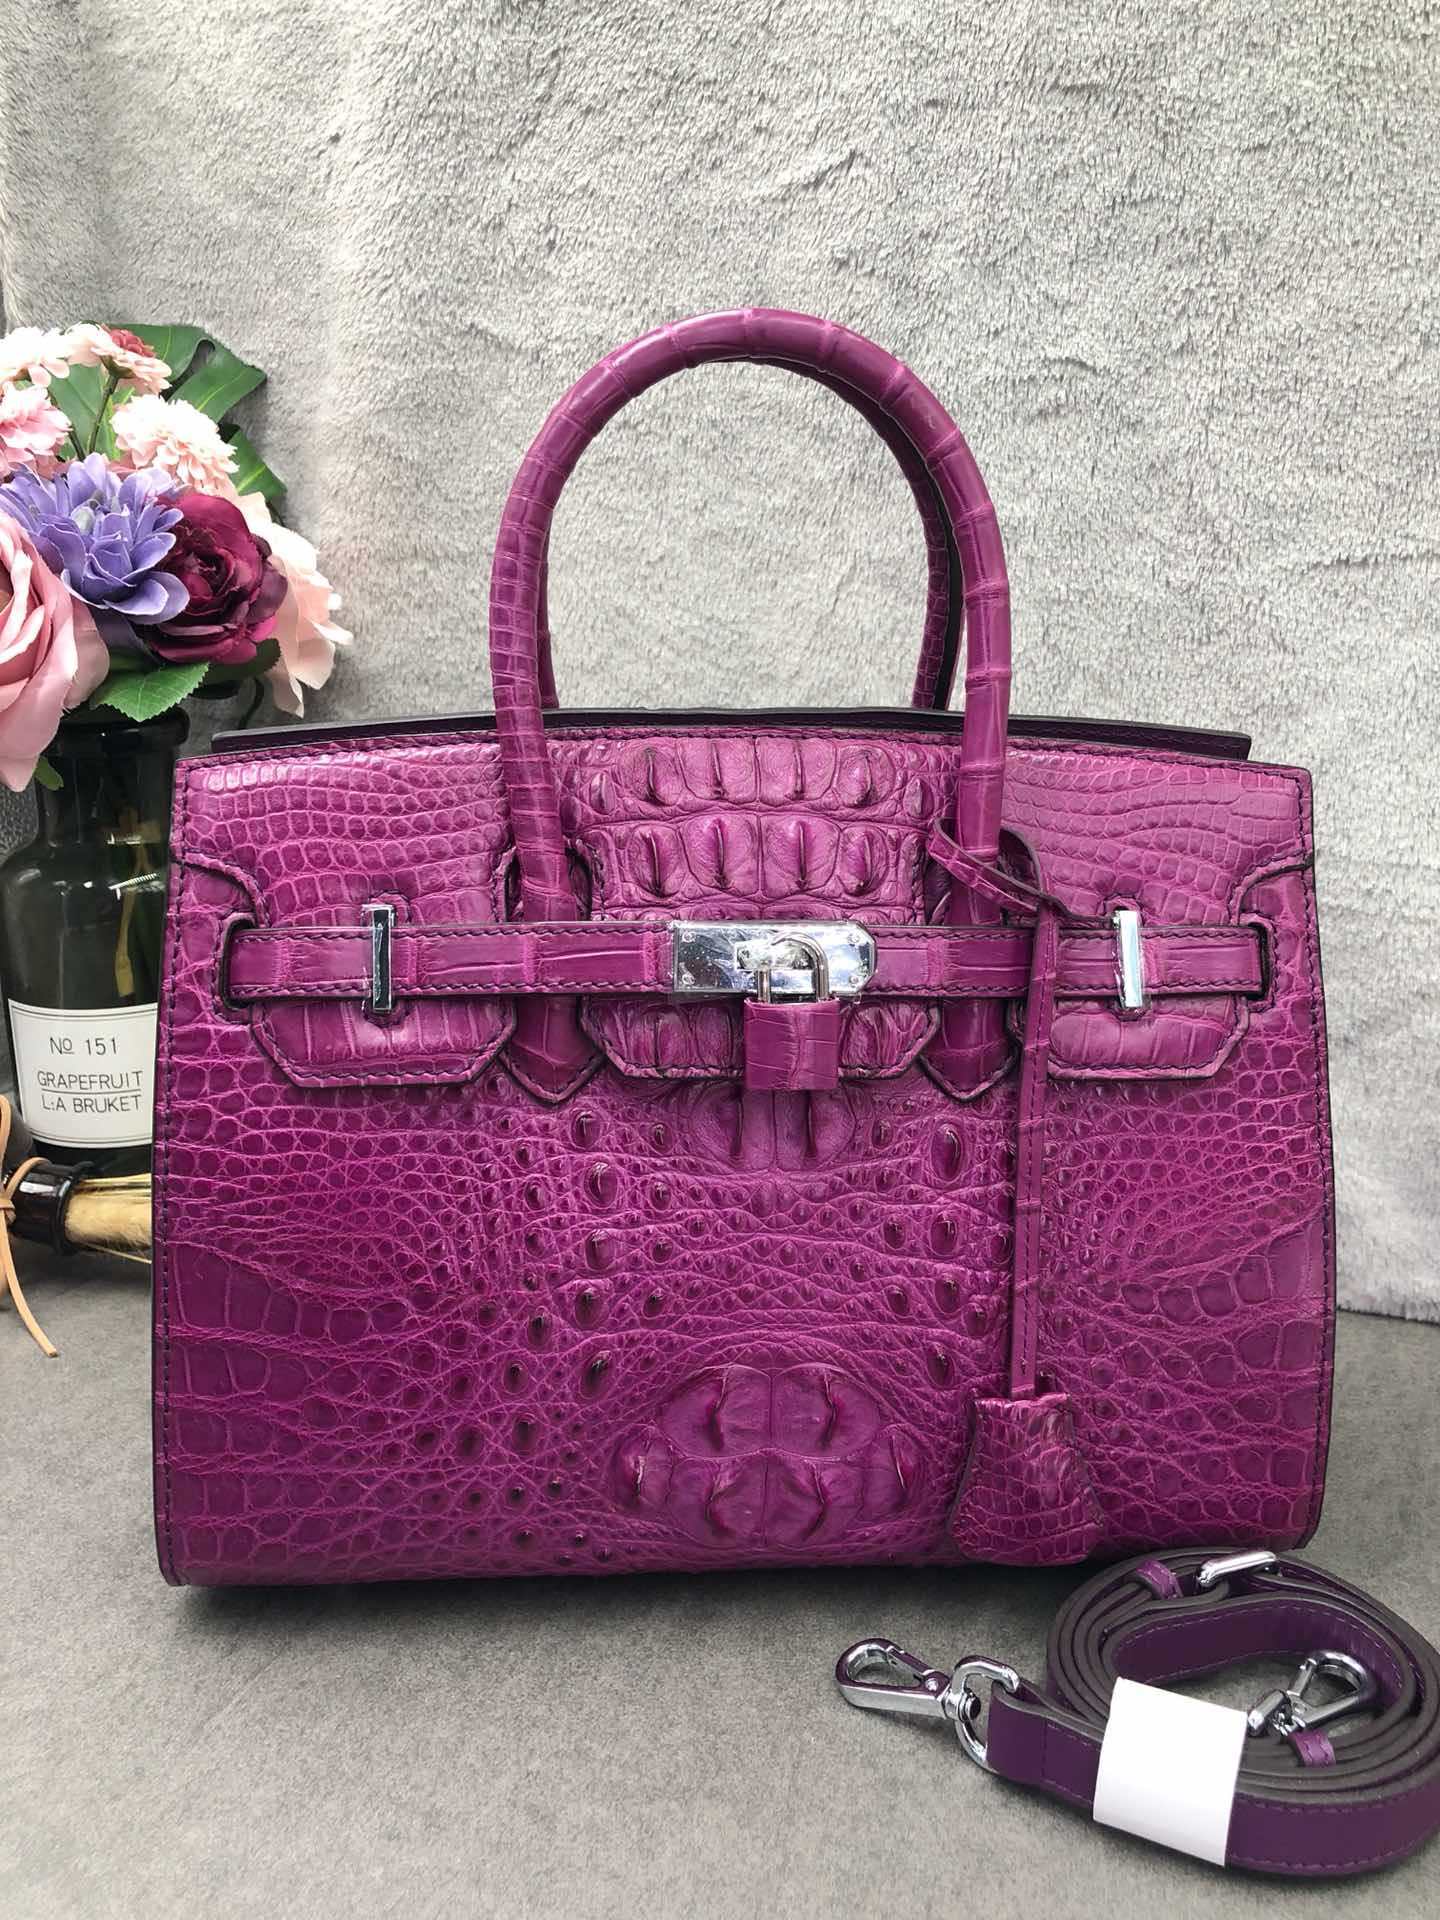 紫色手提包 鳄鱼皮女士手提包斜挎改版拉链铂金包紫色真皮大容量妈妈包百搭包_推荐淘宝好看的紫色手提包